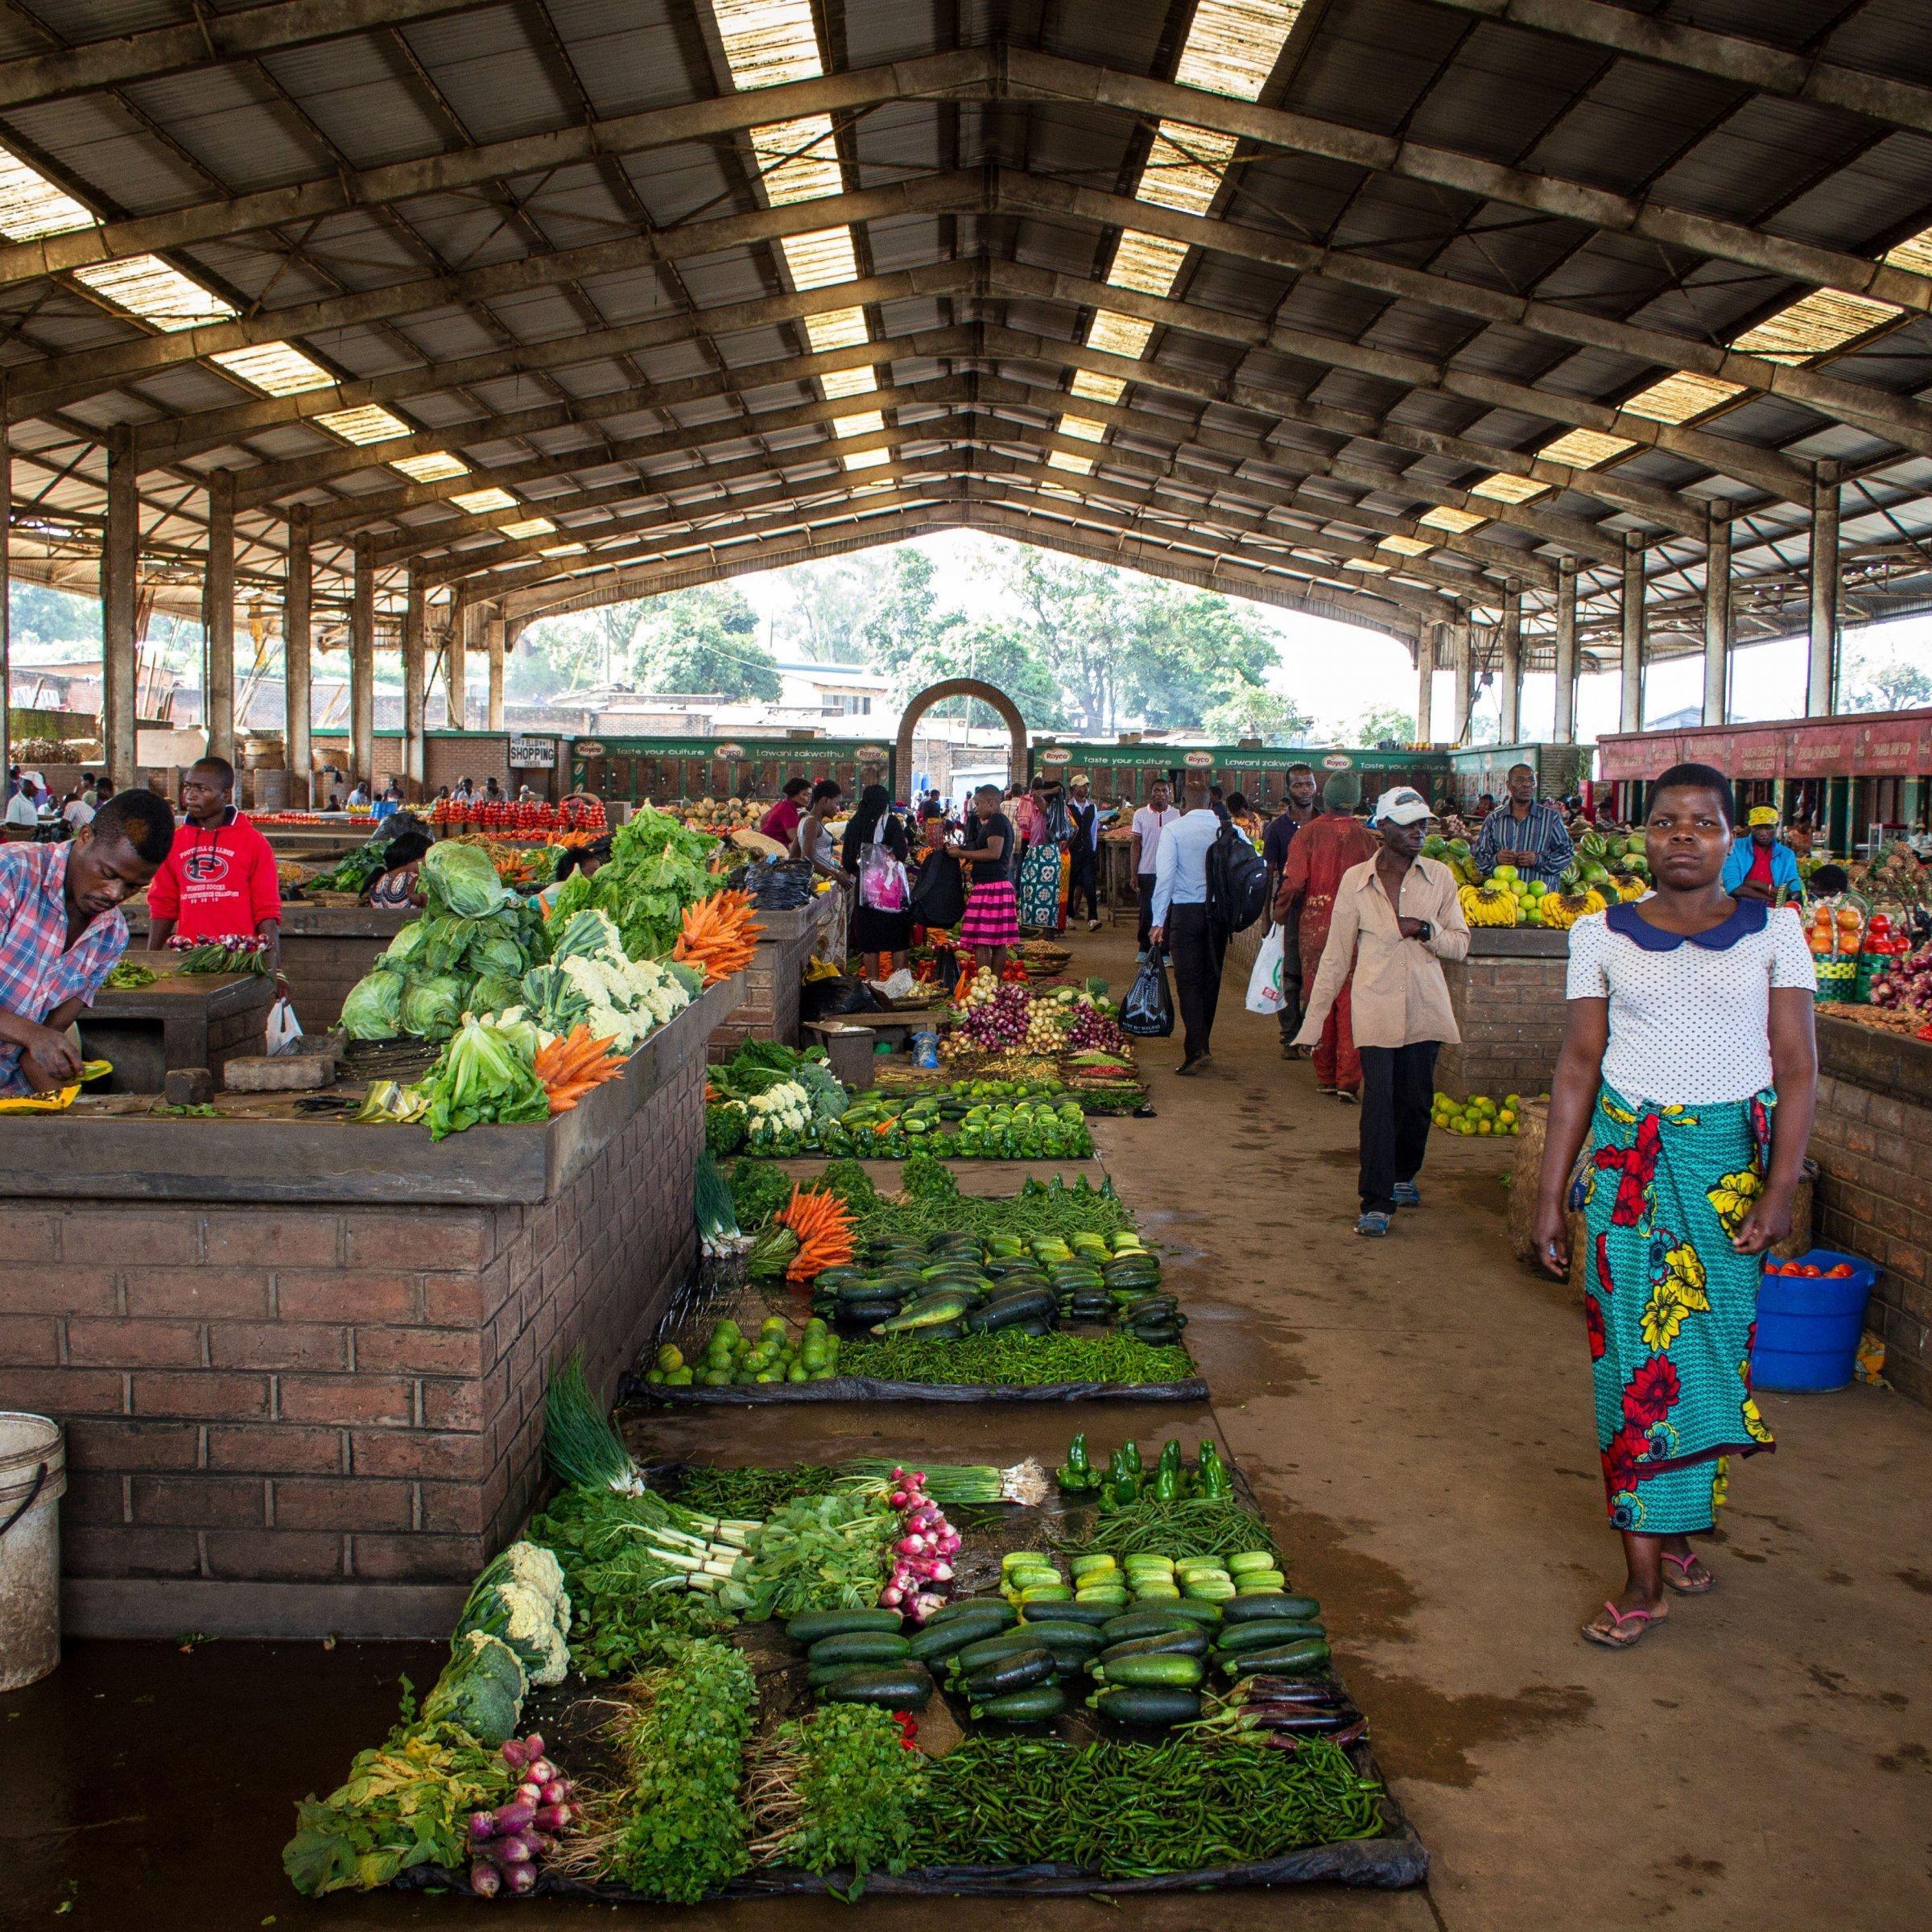 Die Markthalle in Blantyre in Malawi mit einem reichen Angebot an Obst und Gemüse